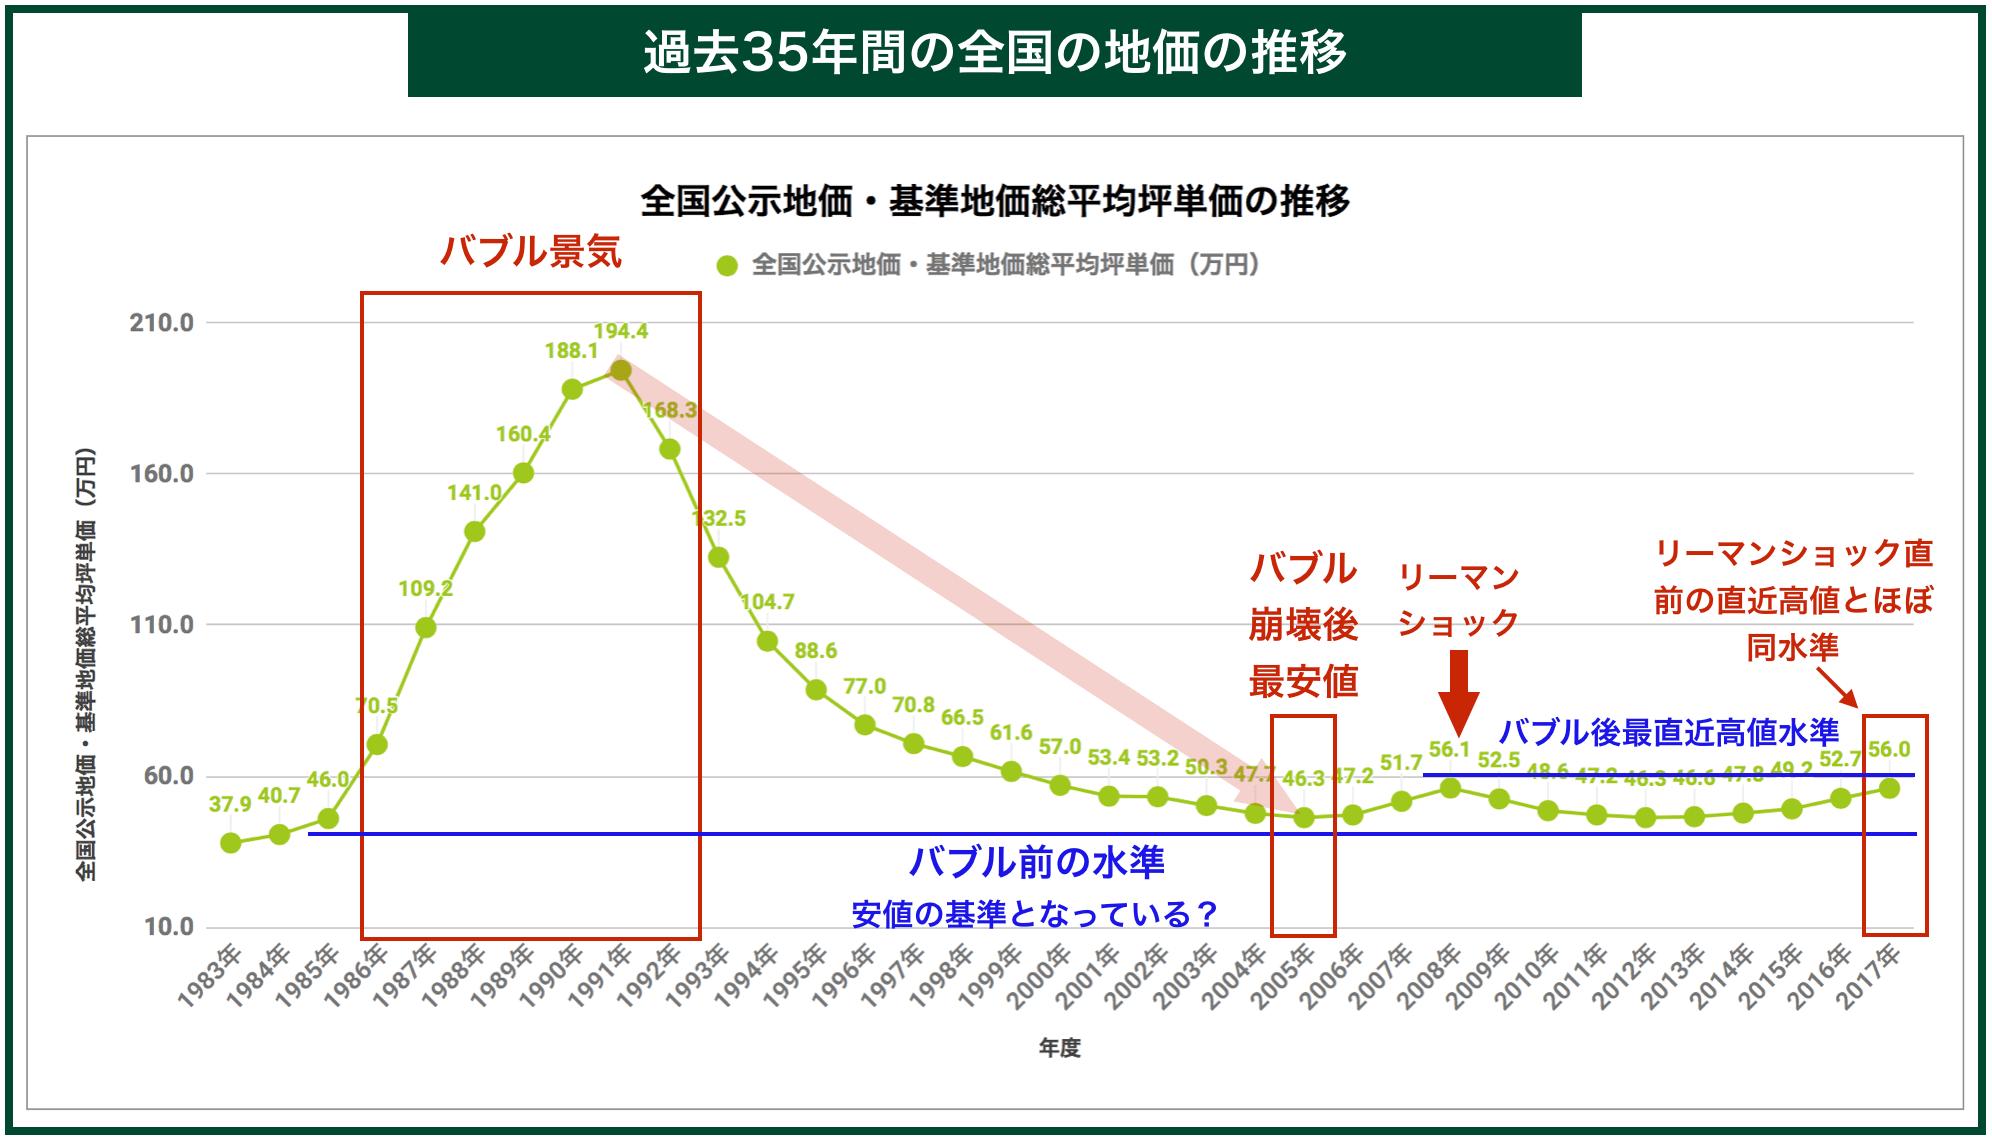 過去35年間の全国の地価の推移